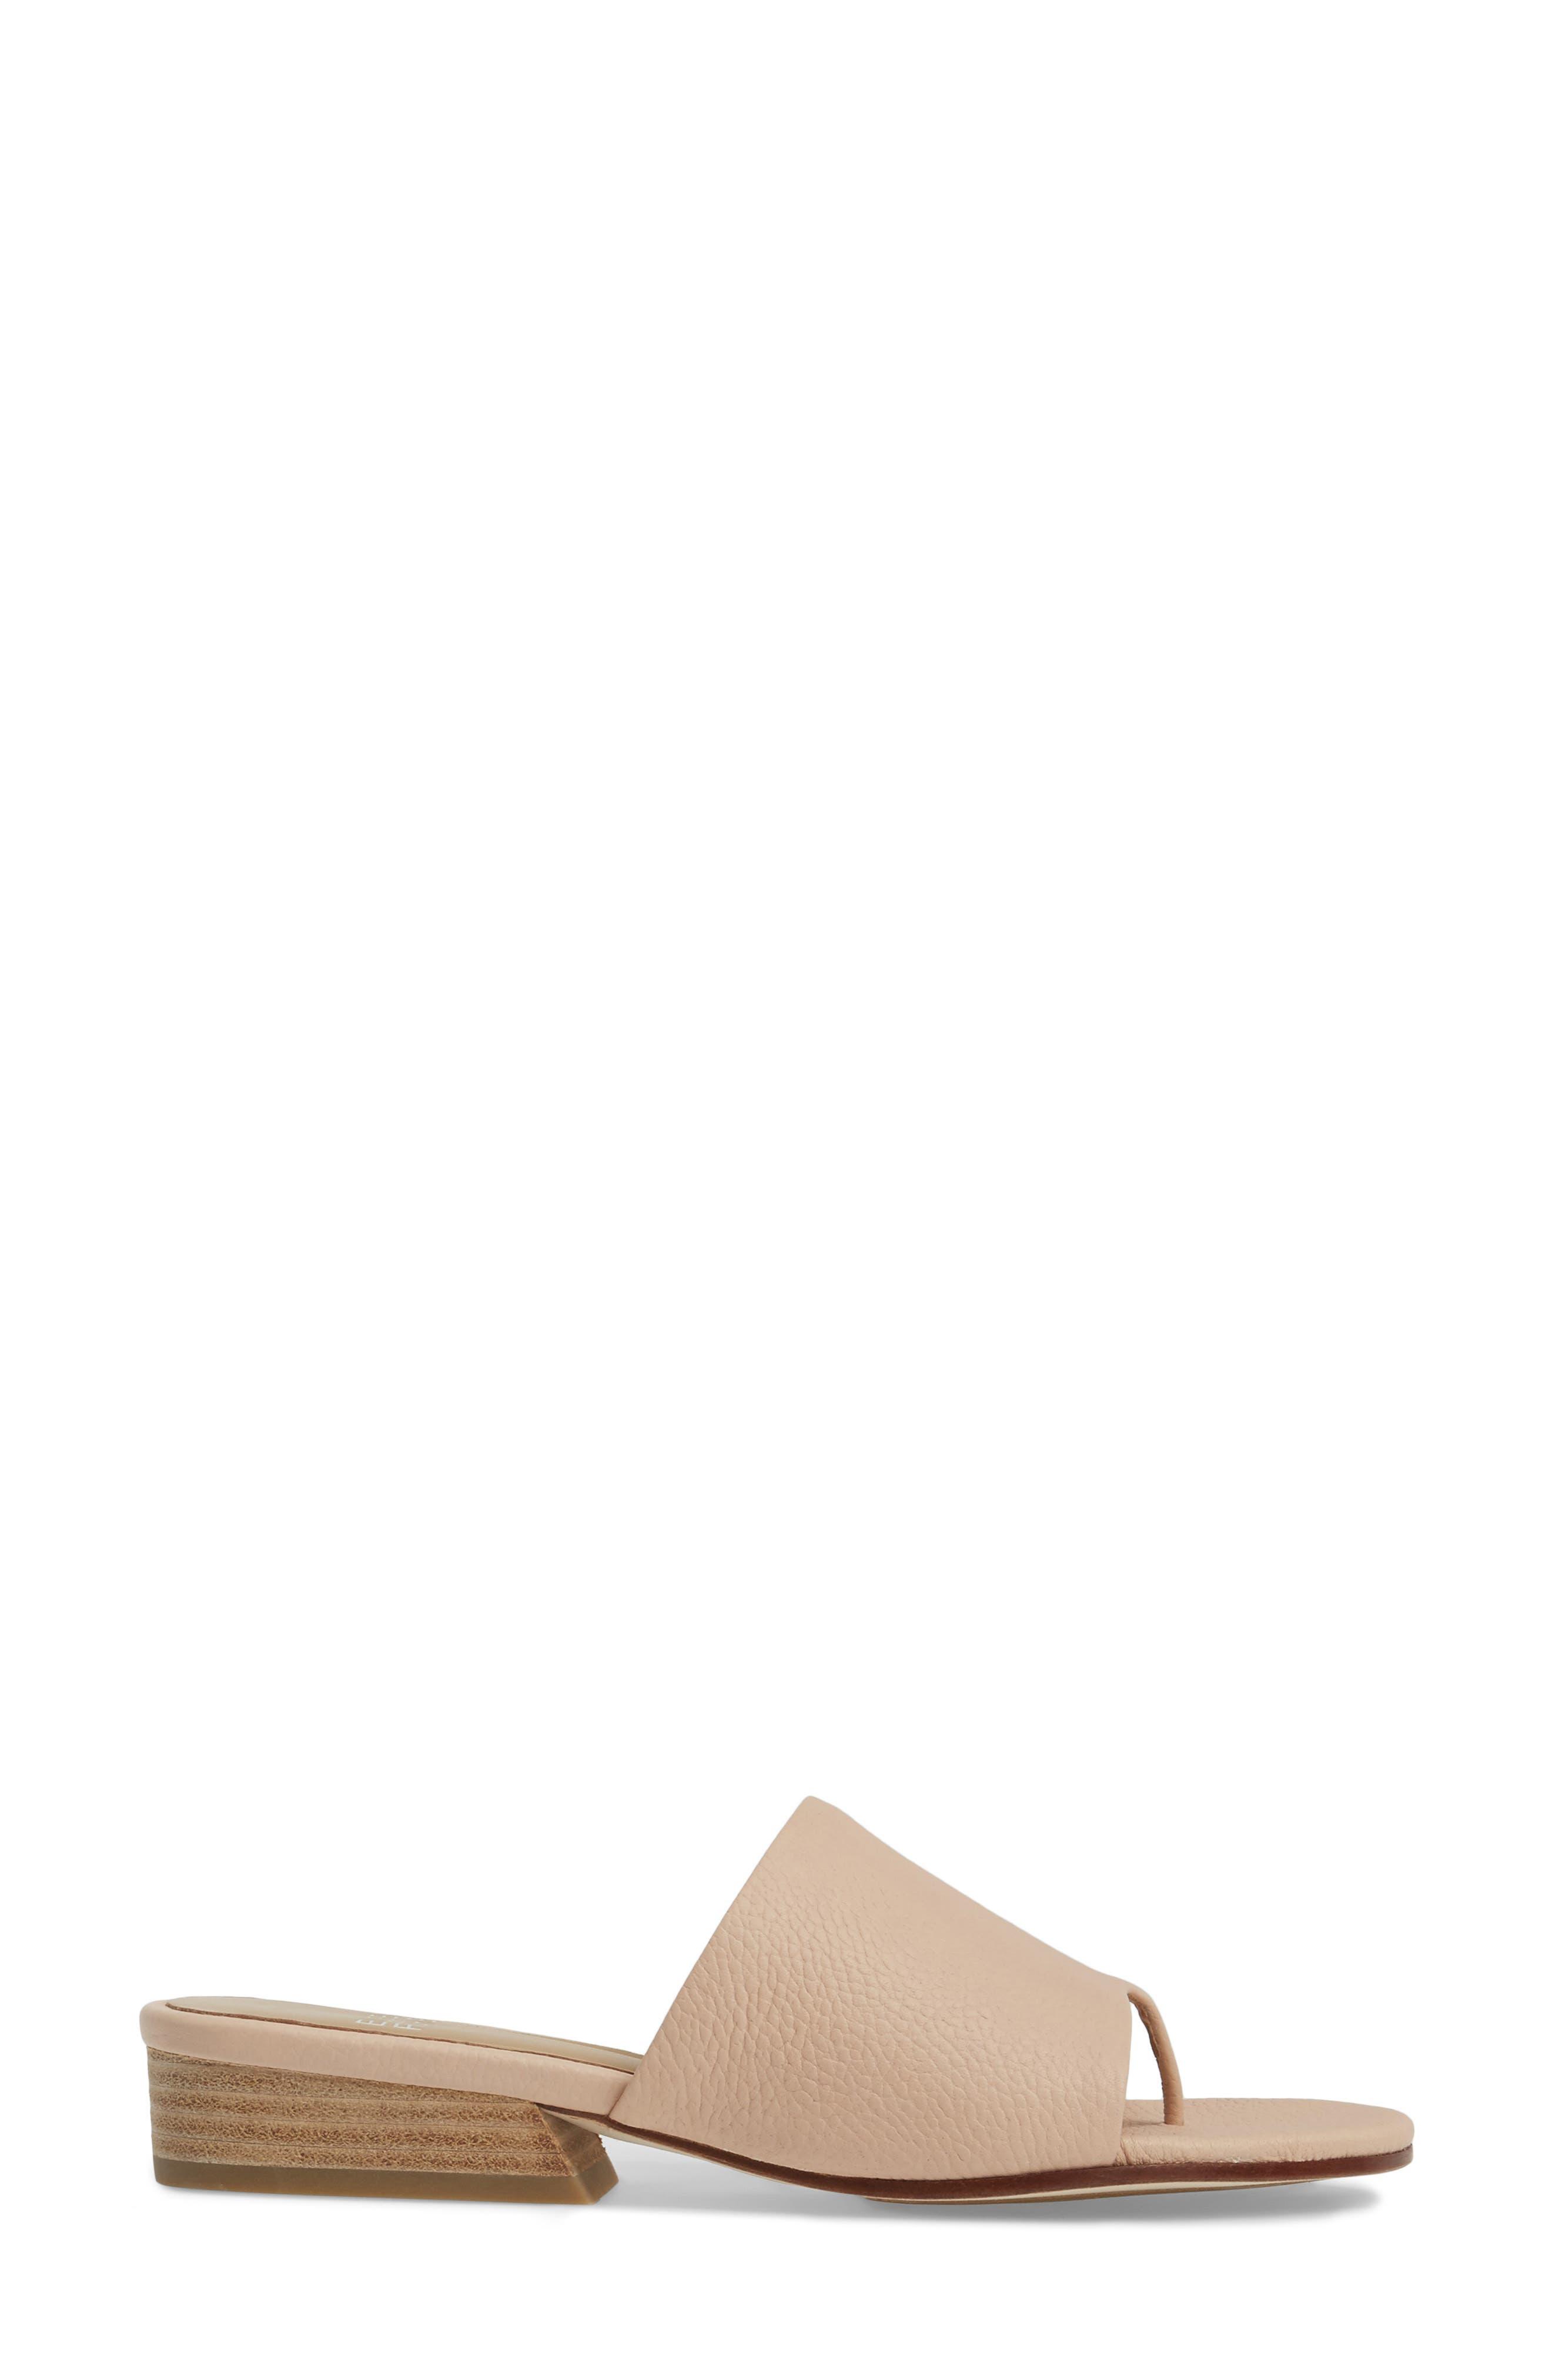 Alternate Image 3  - Eileen Fisher Beal Slide Sandal (Women)